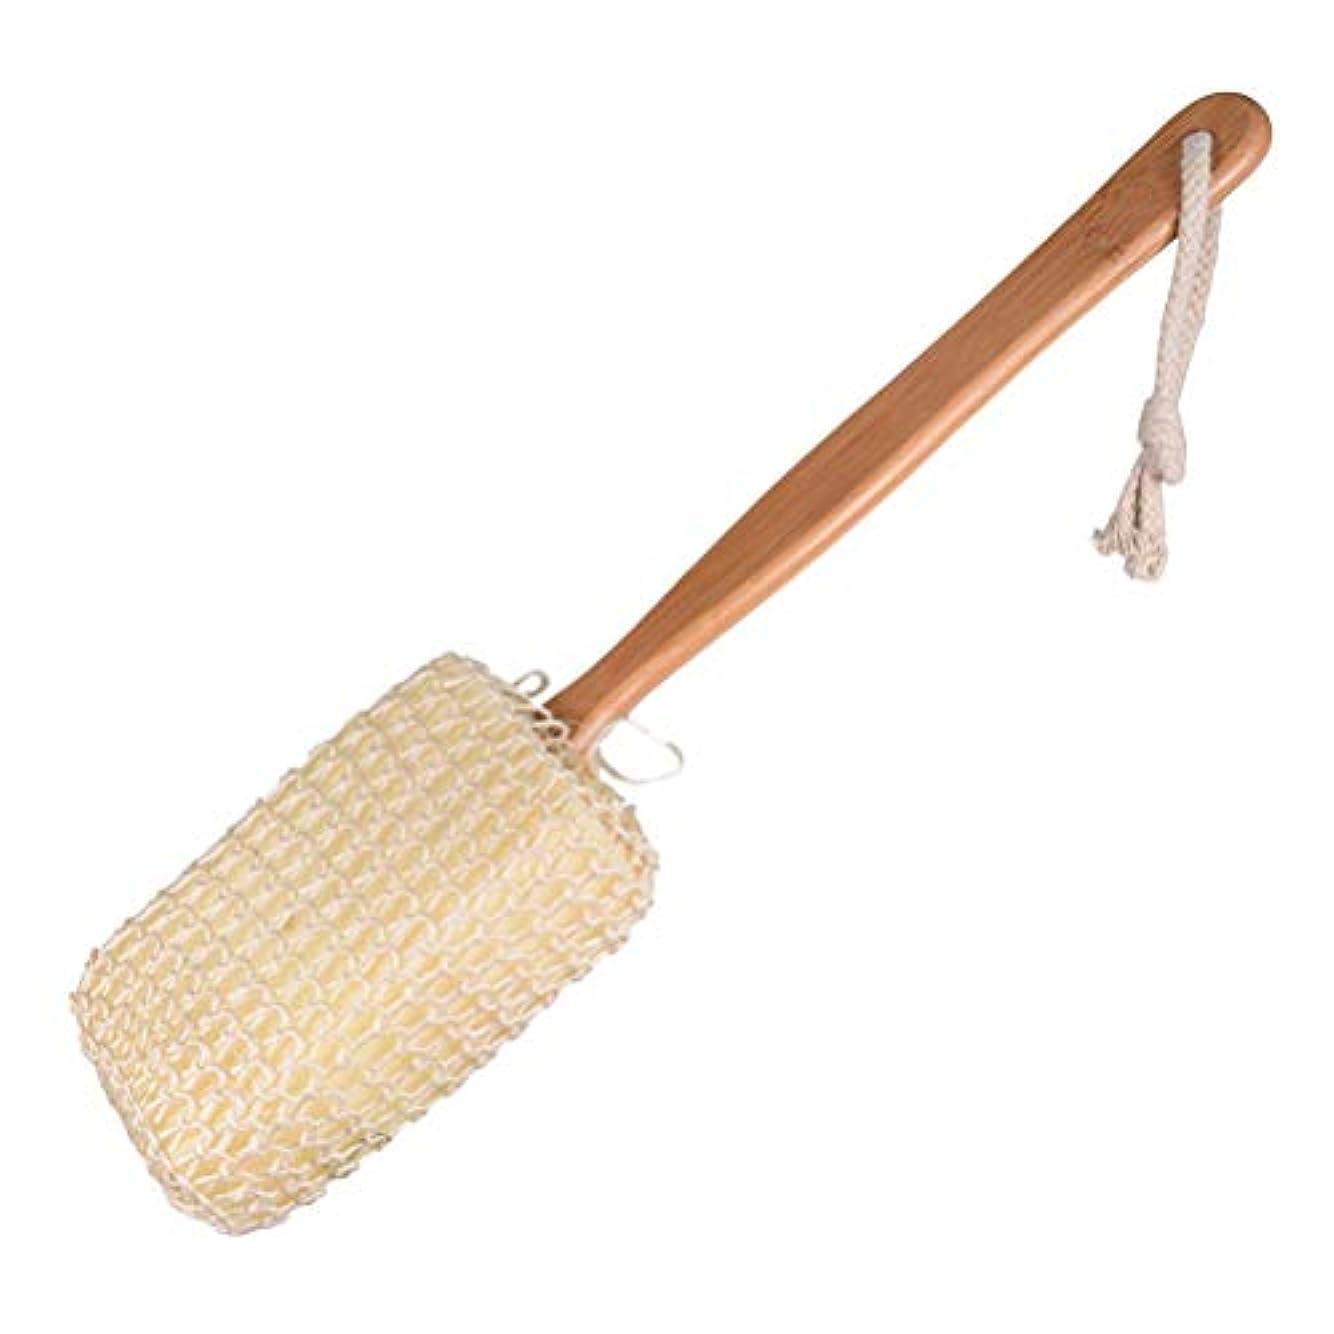 聖域ステートメント悲観主義者Yardwe ドライブラッシングボディーブラシナチュラルサイザルスポンジ取り外し可能な長い木製の竹のハンドル死んだ皮膚はセルライトの剥離を助けます